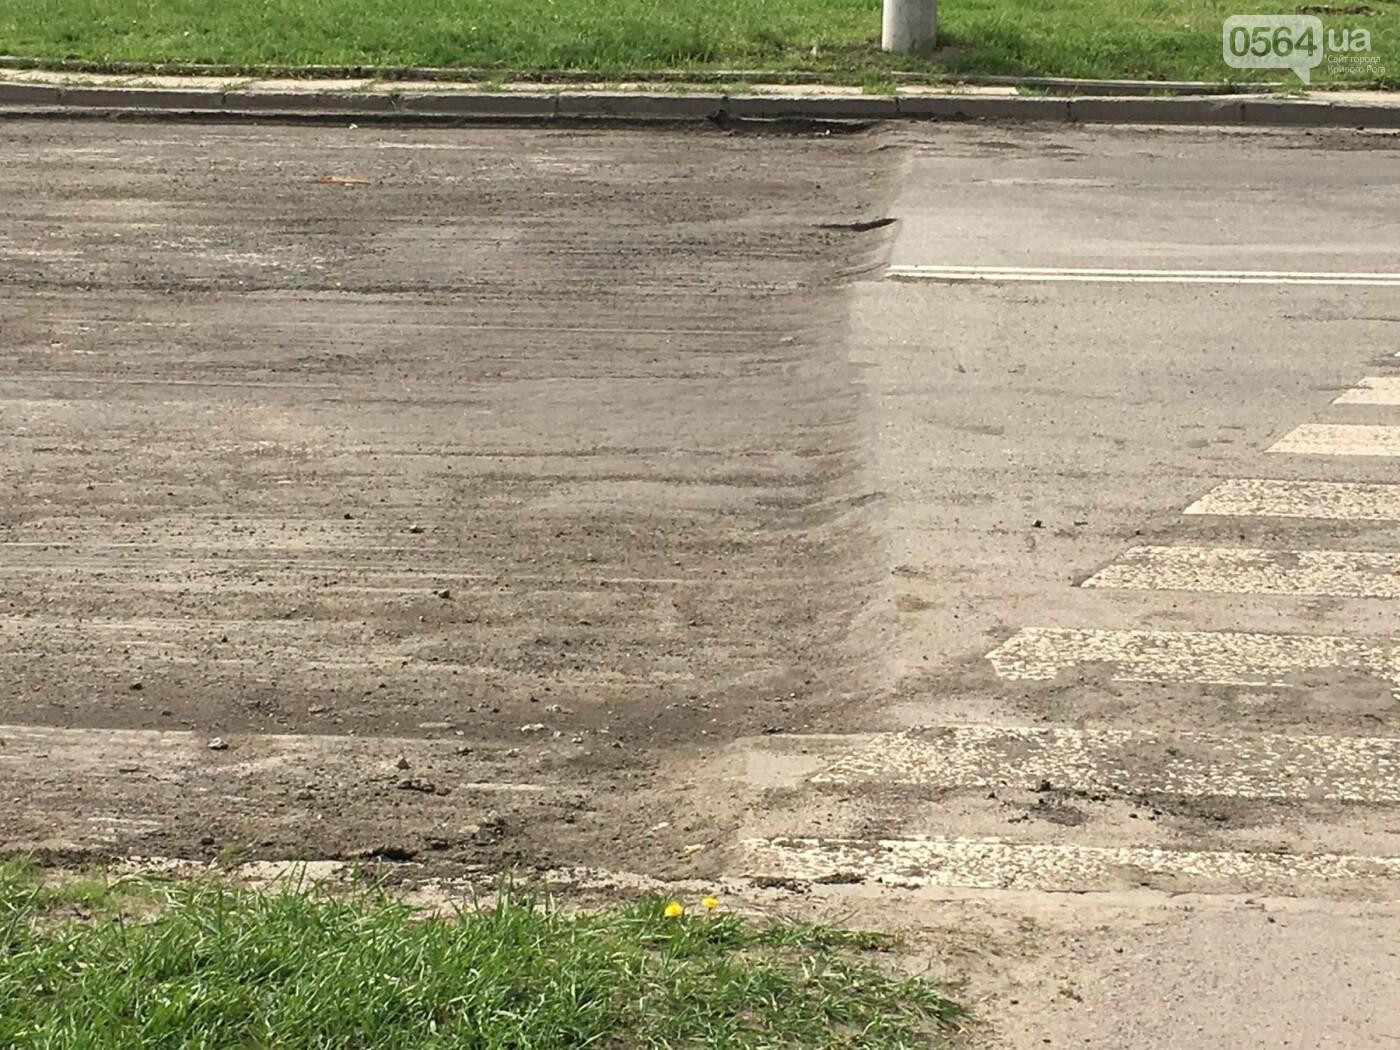 В Кривом Роге ремонтируют дороги и днем, и ночью (ФОТО), фото-6